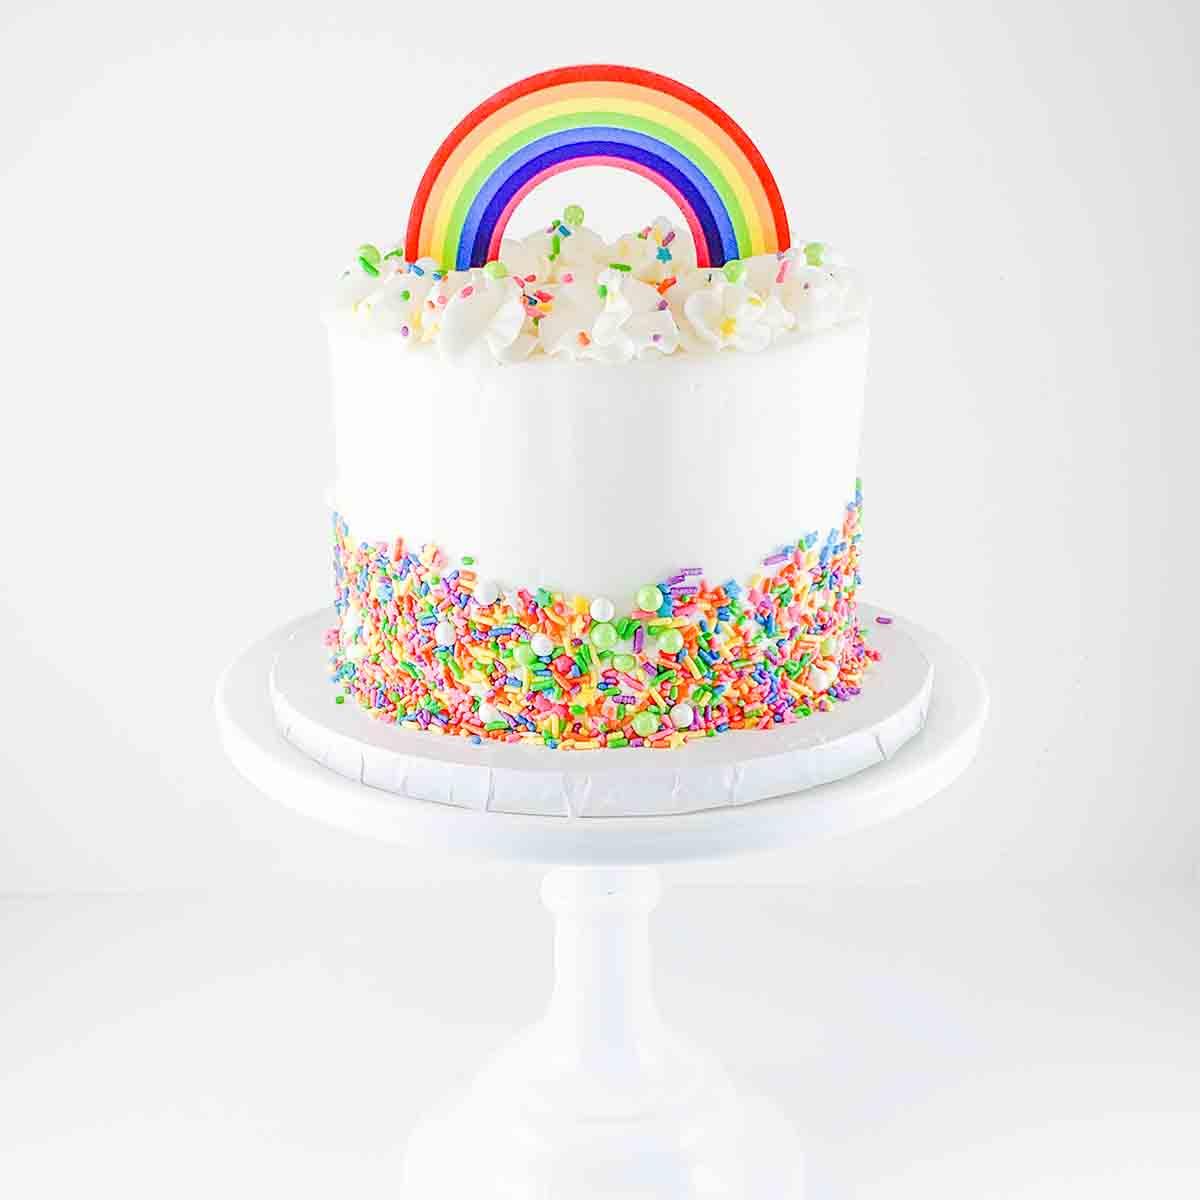 Bake at Home Rainbow Cake Kit